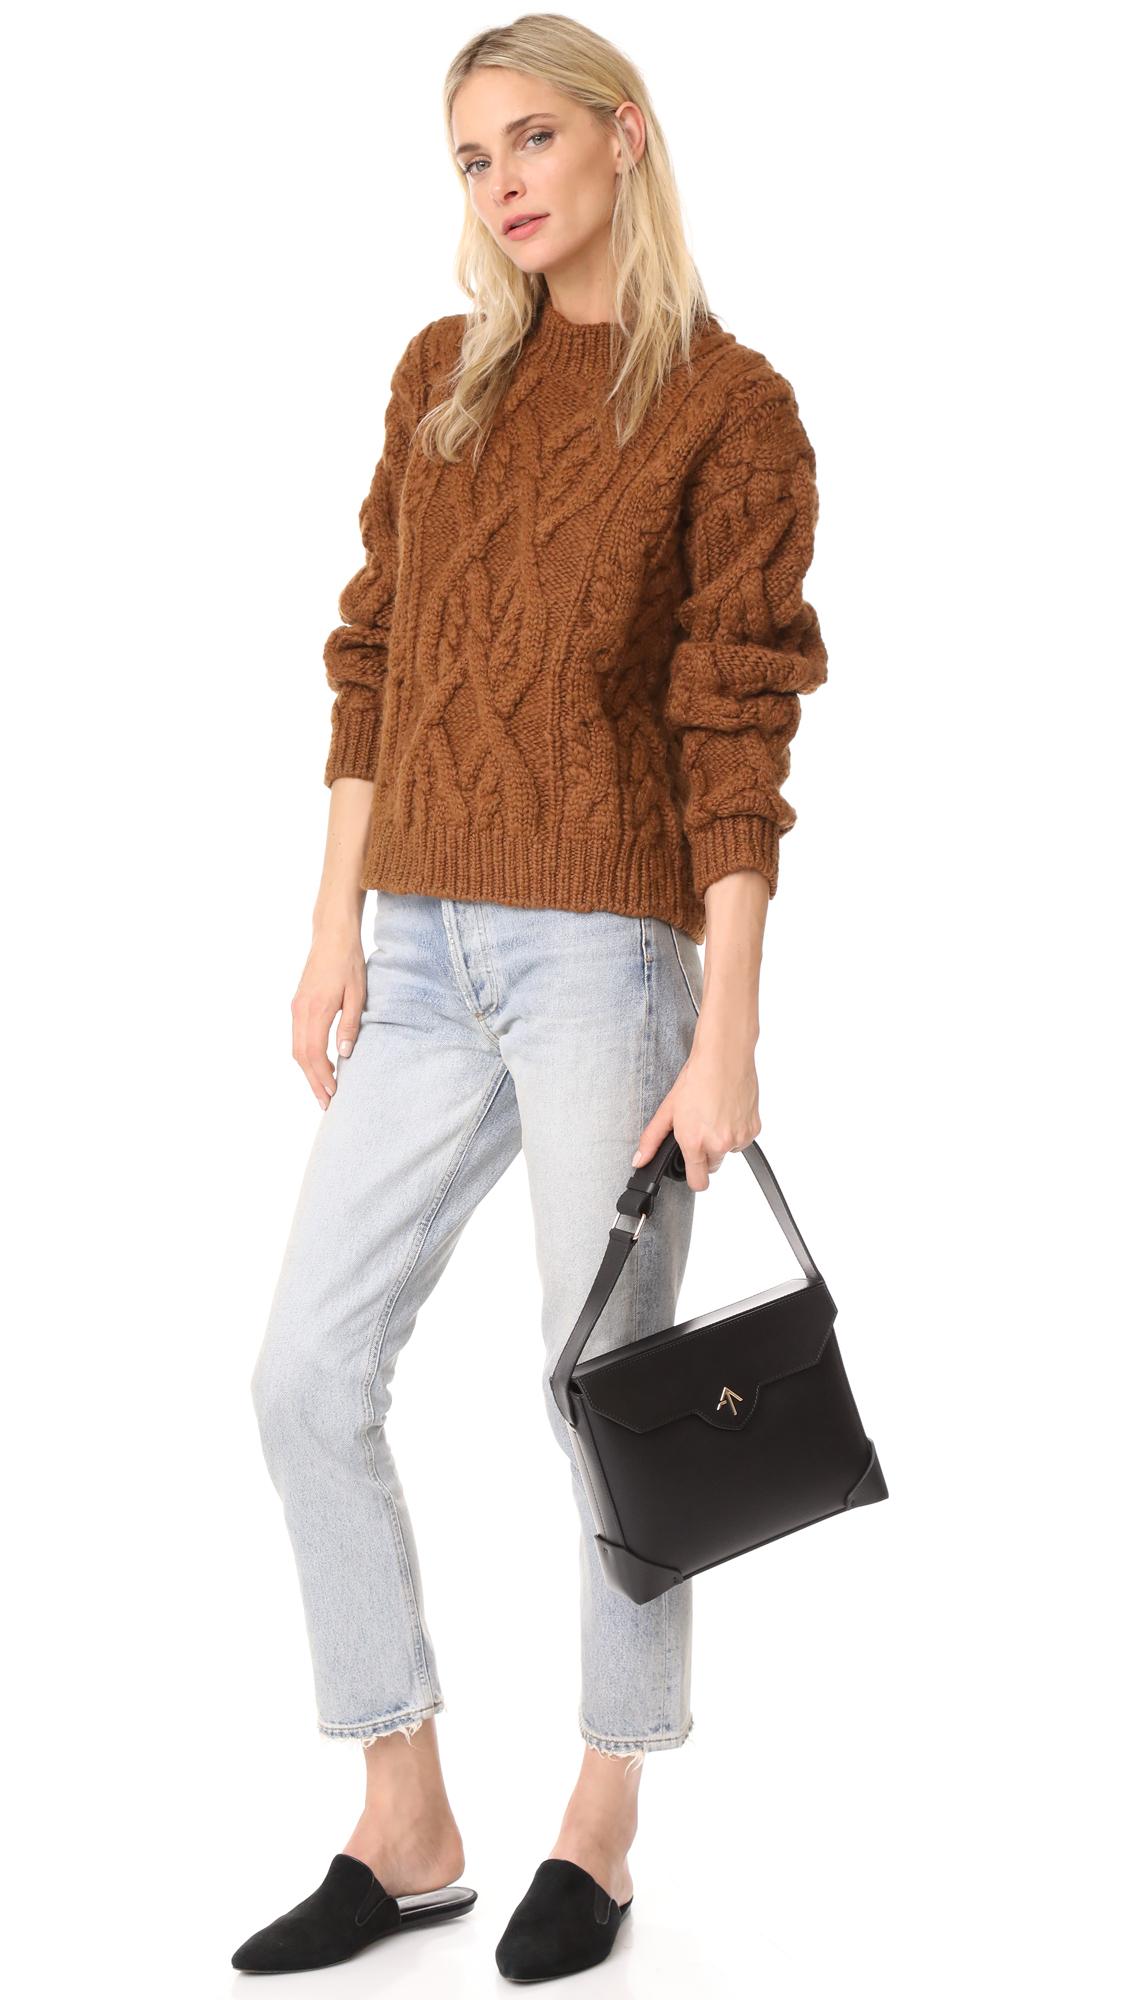 0cad362fe2 MANU Atelier Bold Shoulder Bag